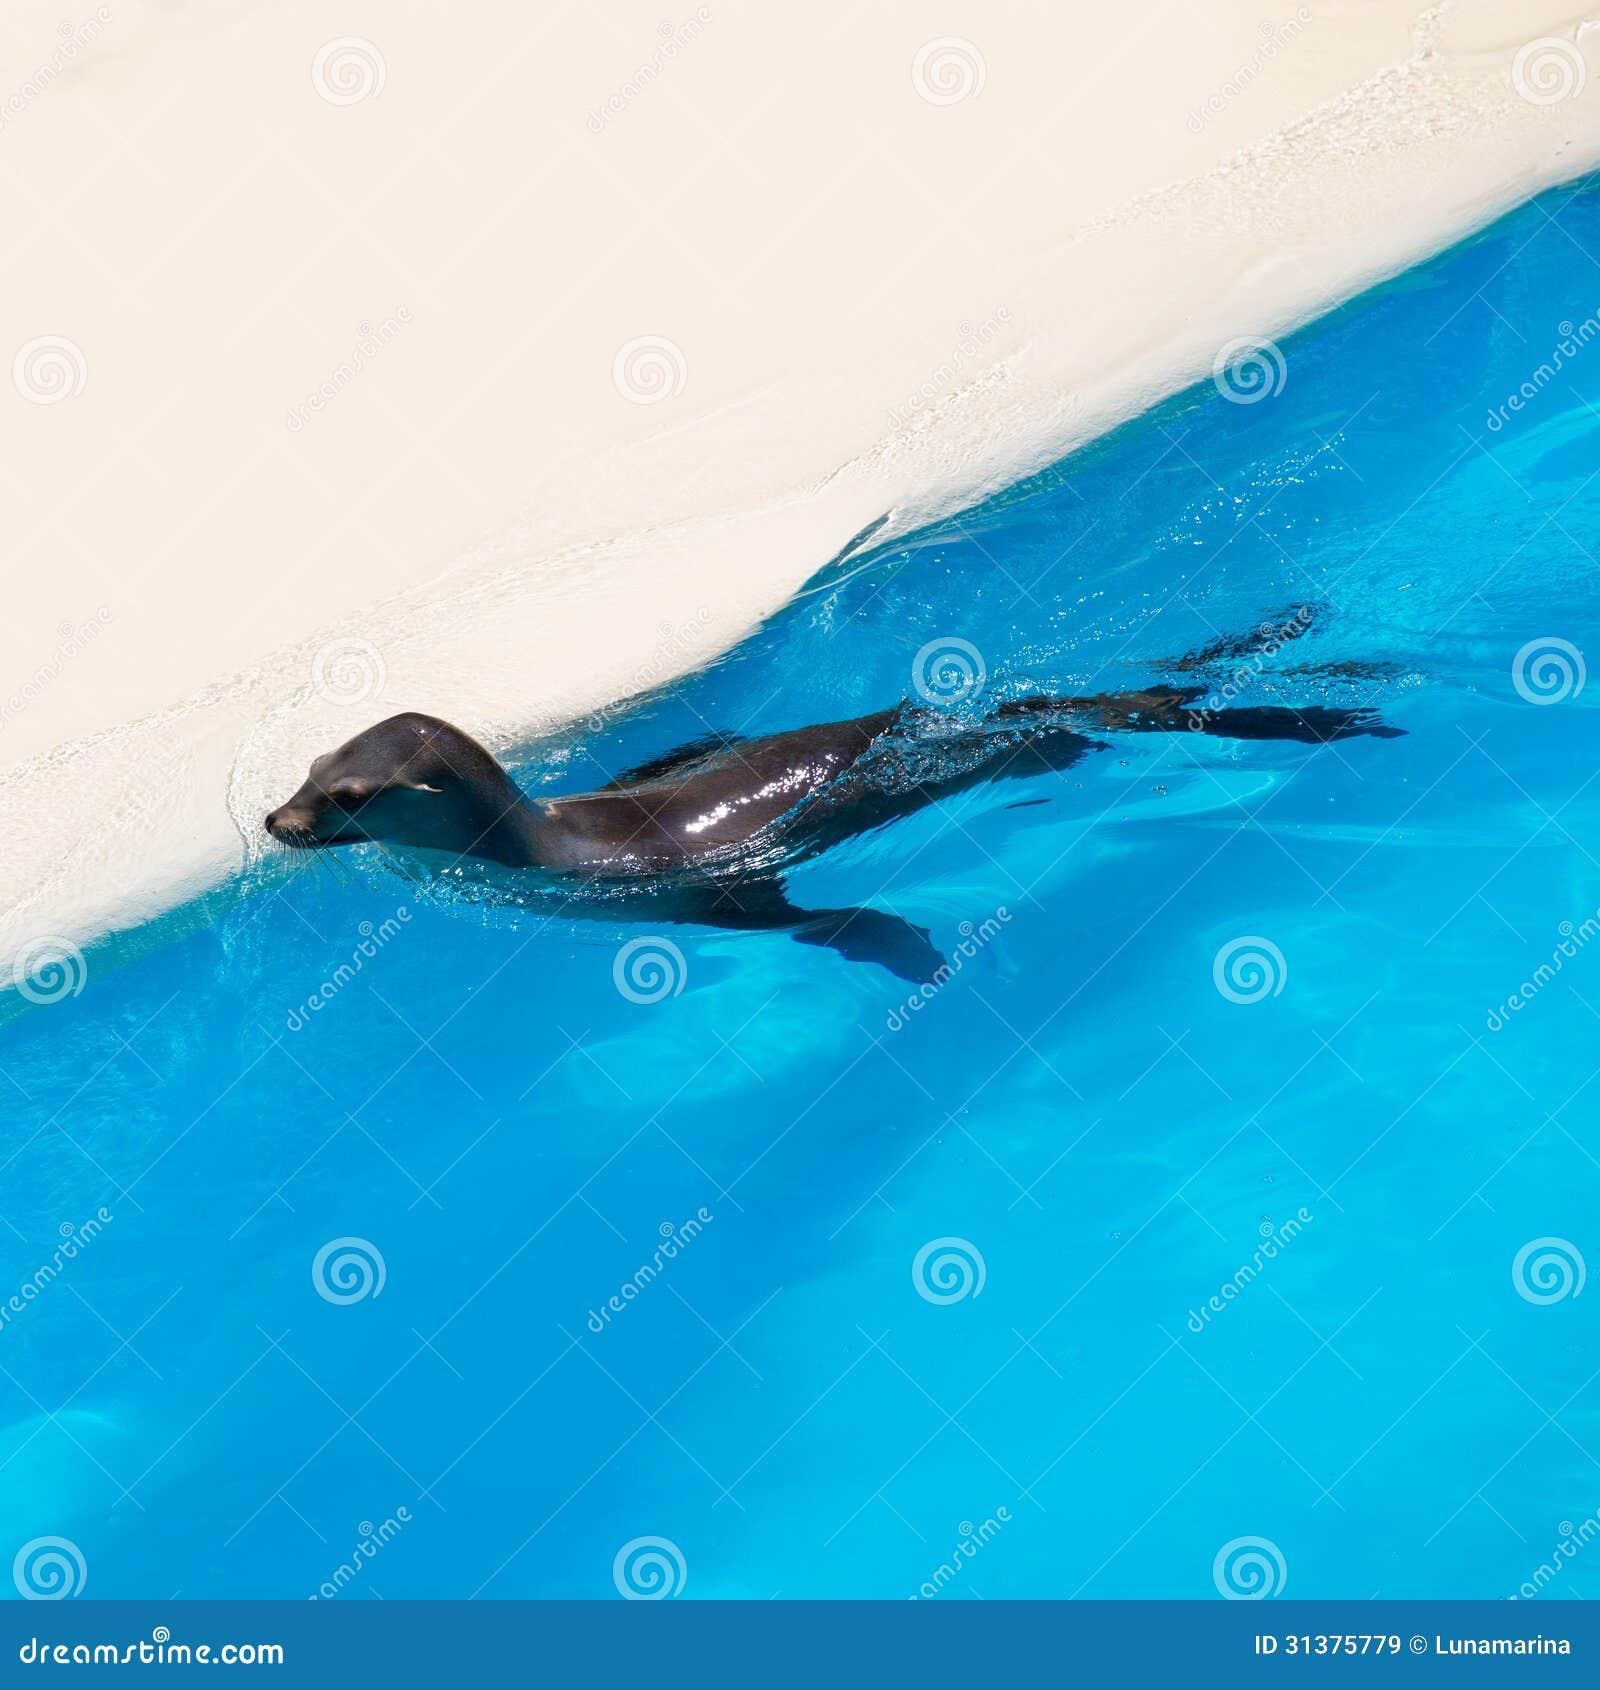 Verbinding die in blauw zoutwater zwemmen